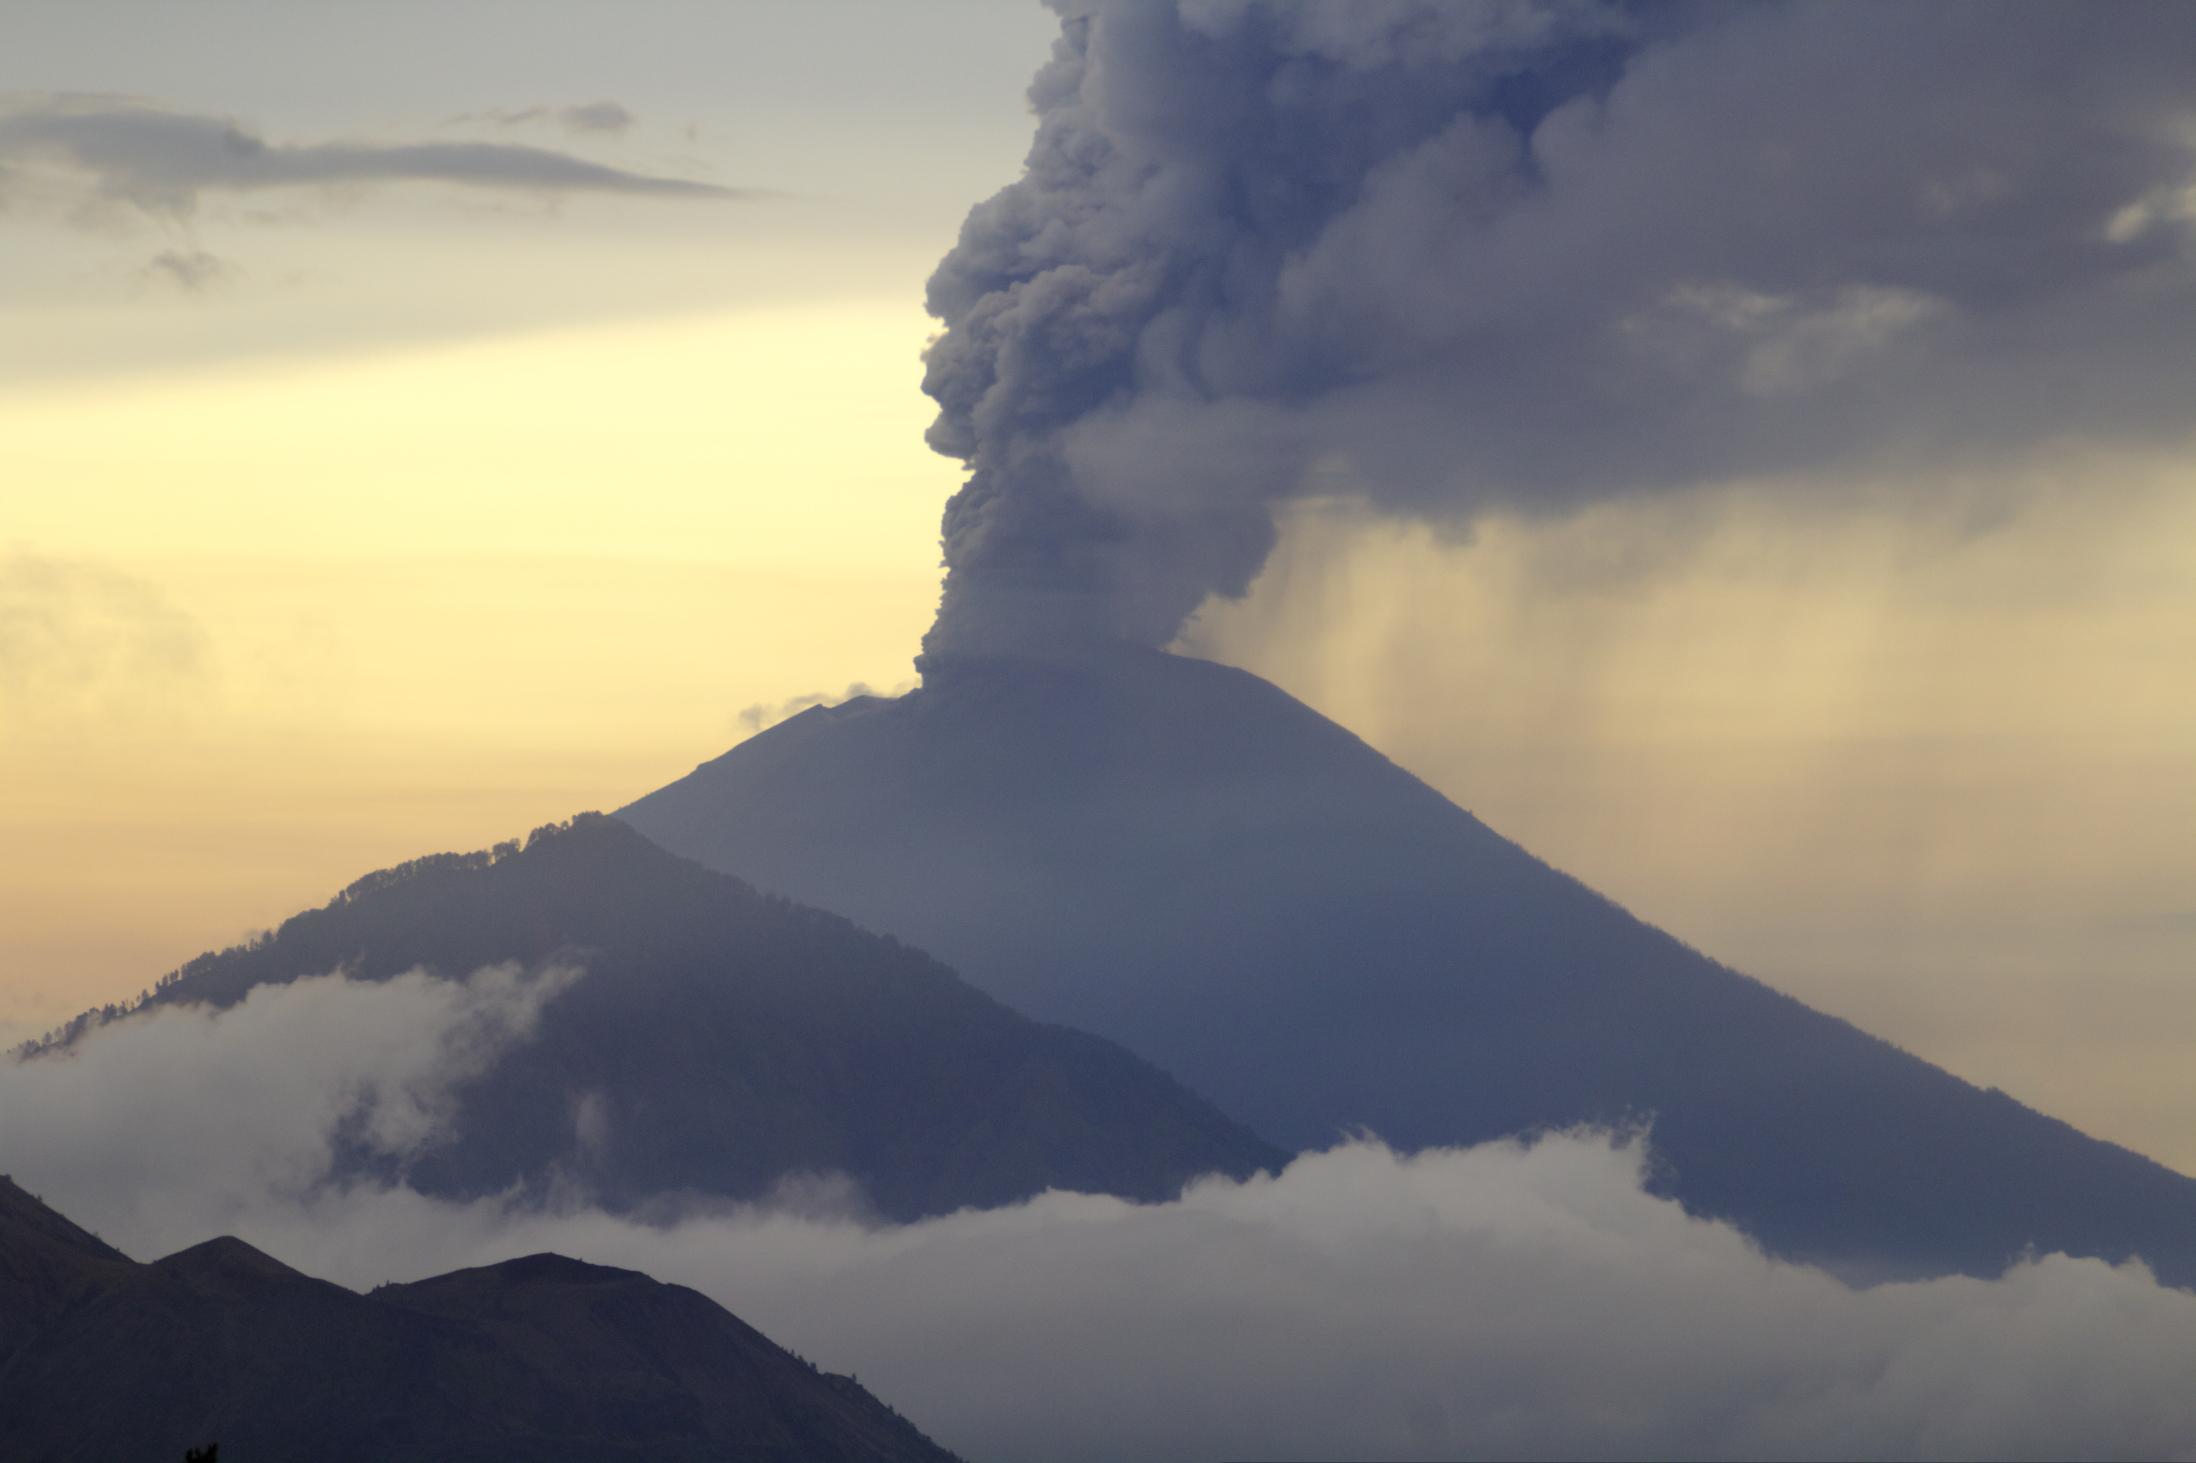 Größter Vulkan Balis schleudert mächtige Rauchsäulen in den Himmel